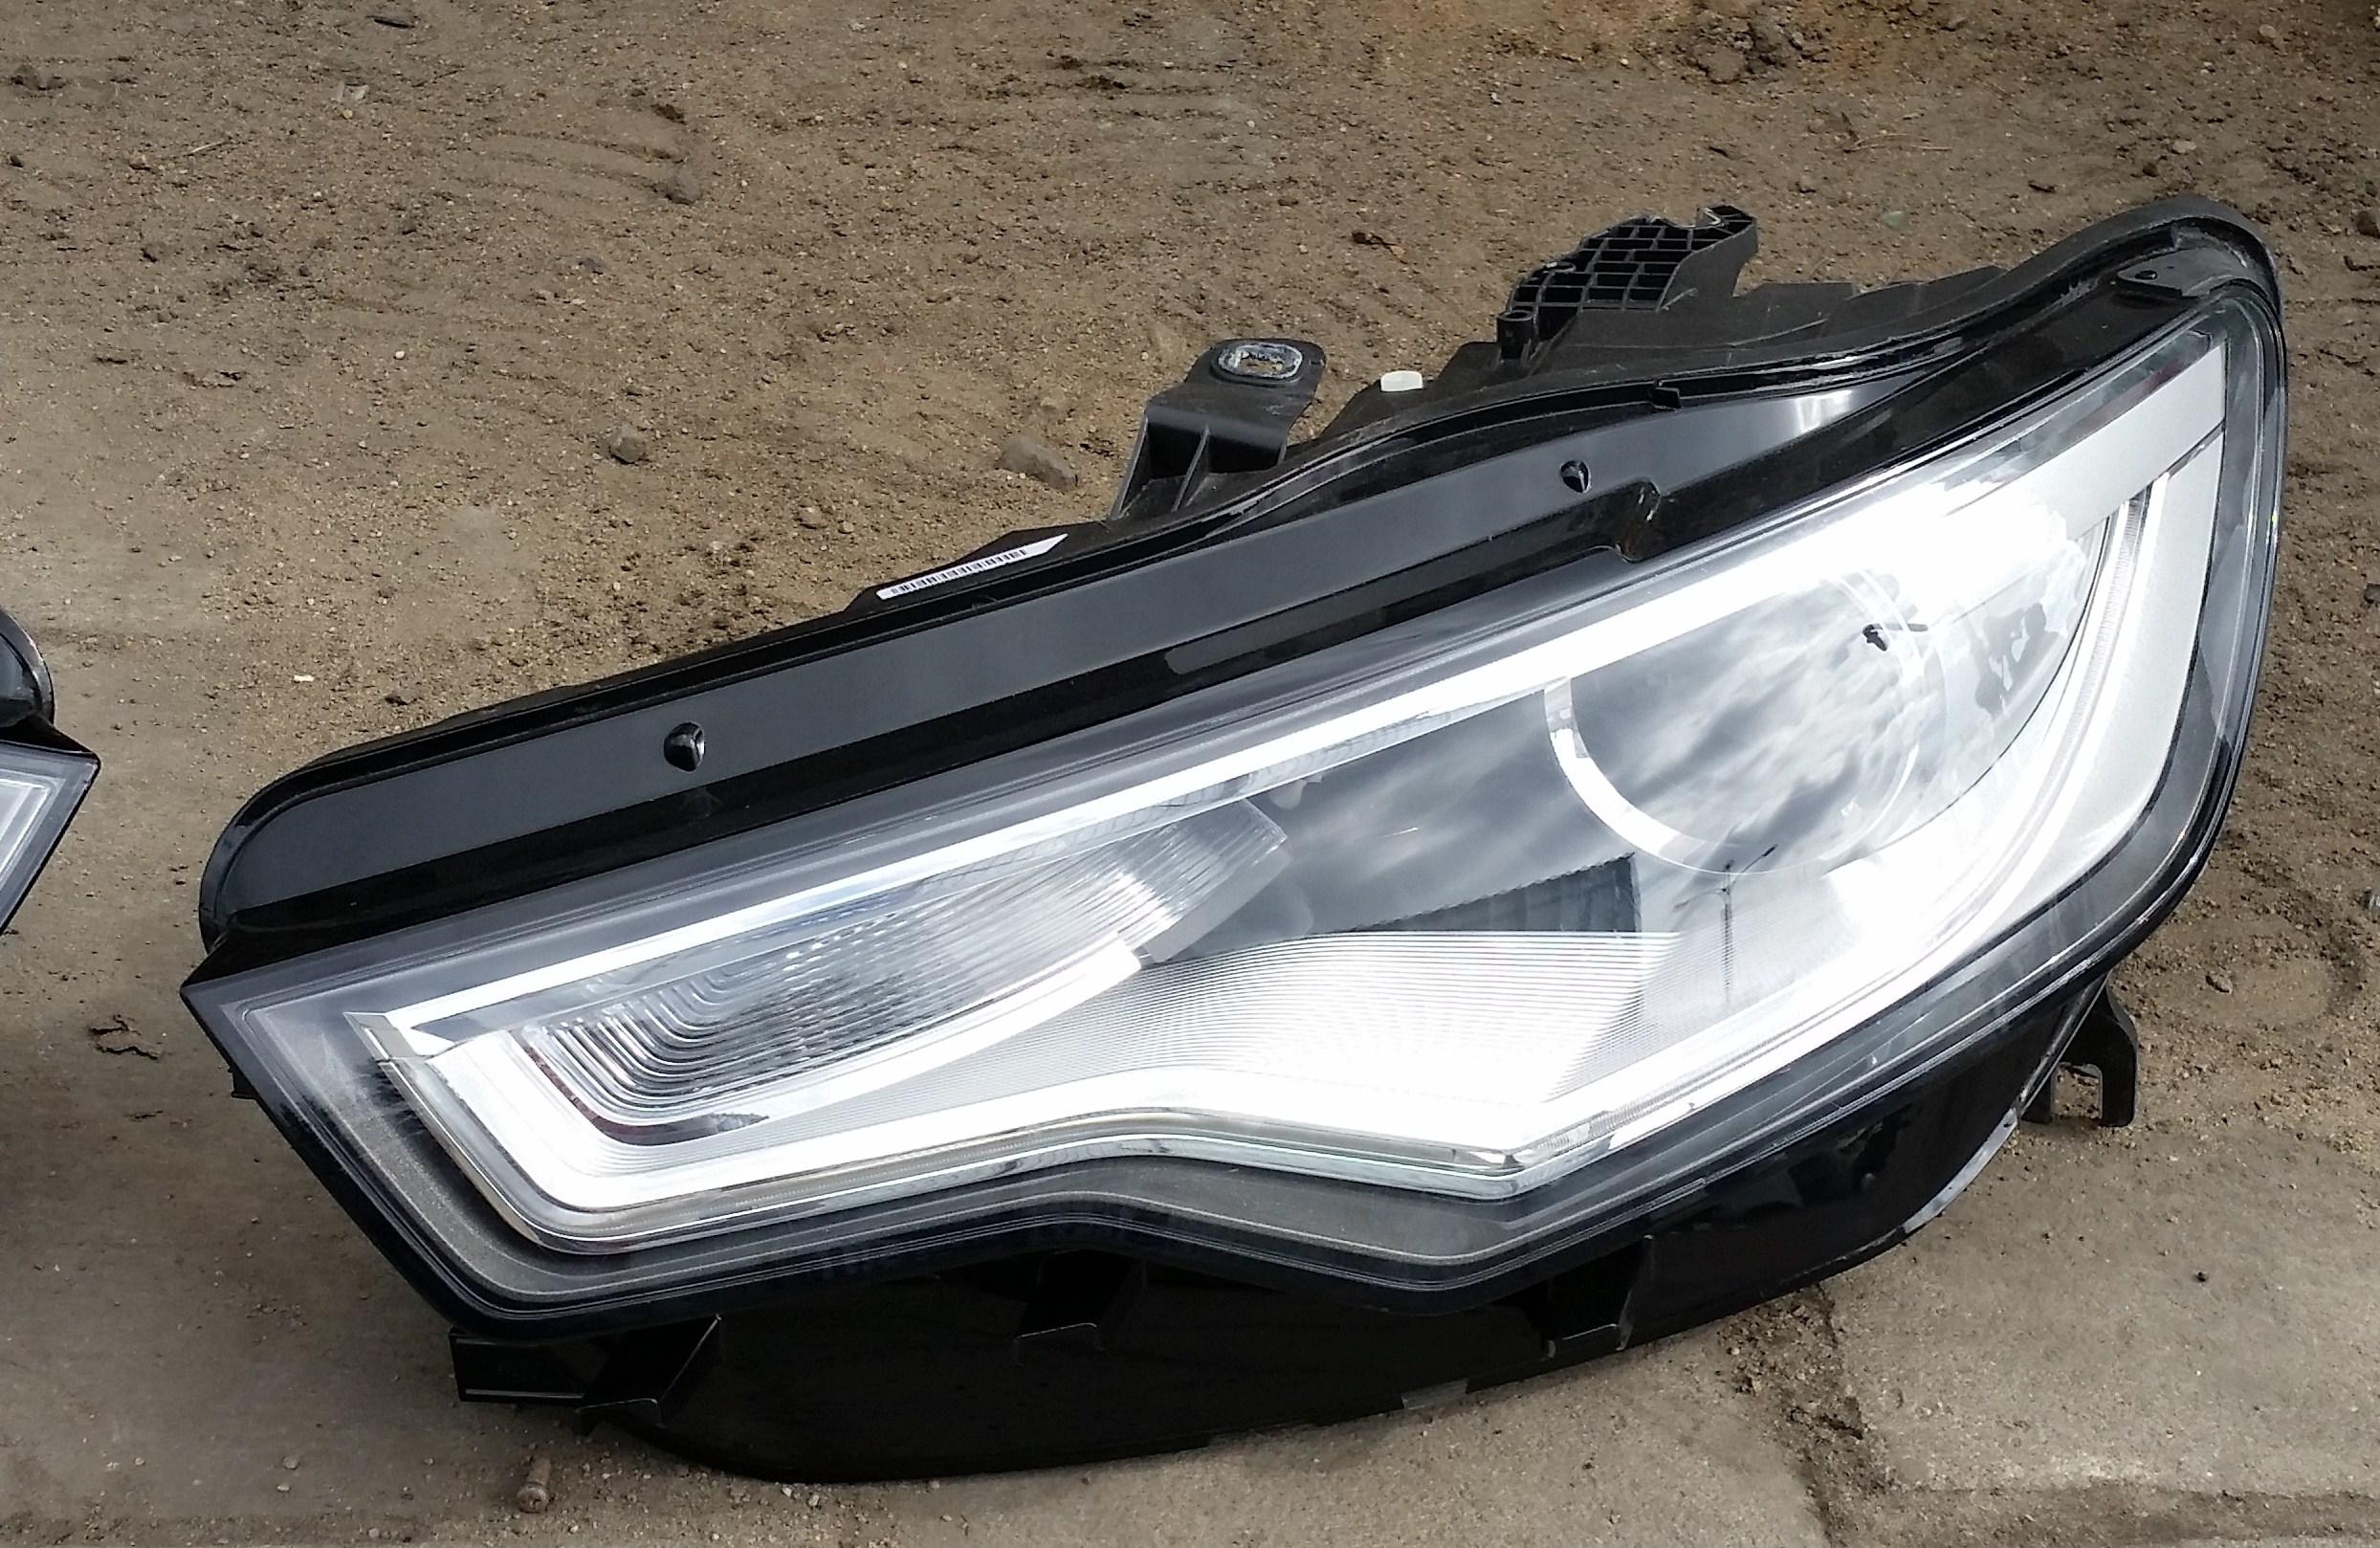 Led Prawa Audi Ledowa 4go Lewa 7522949124 C7 Lampa A6 Xenon ZiOPkXuT